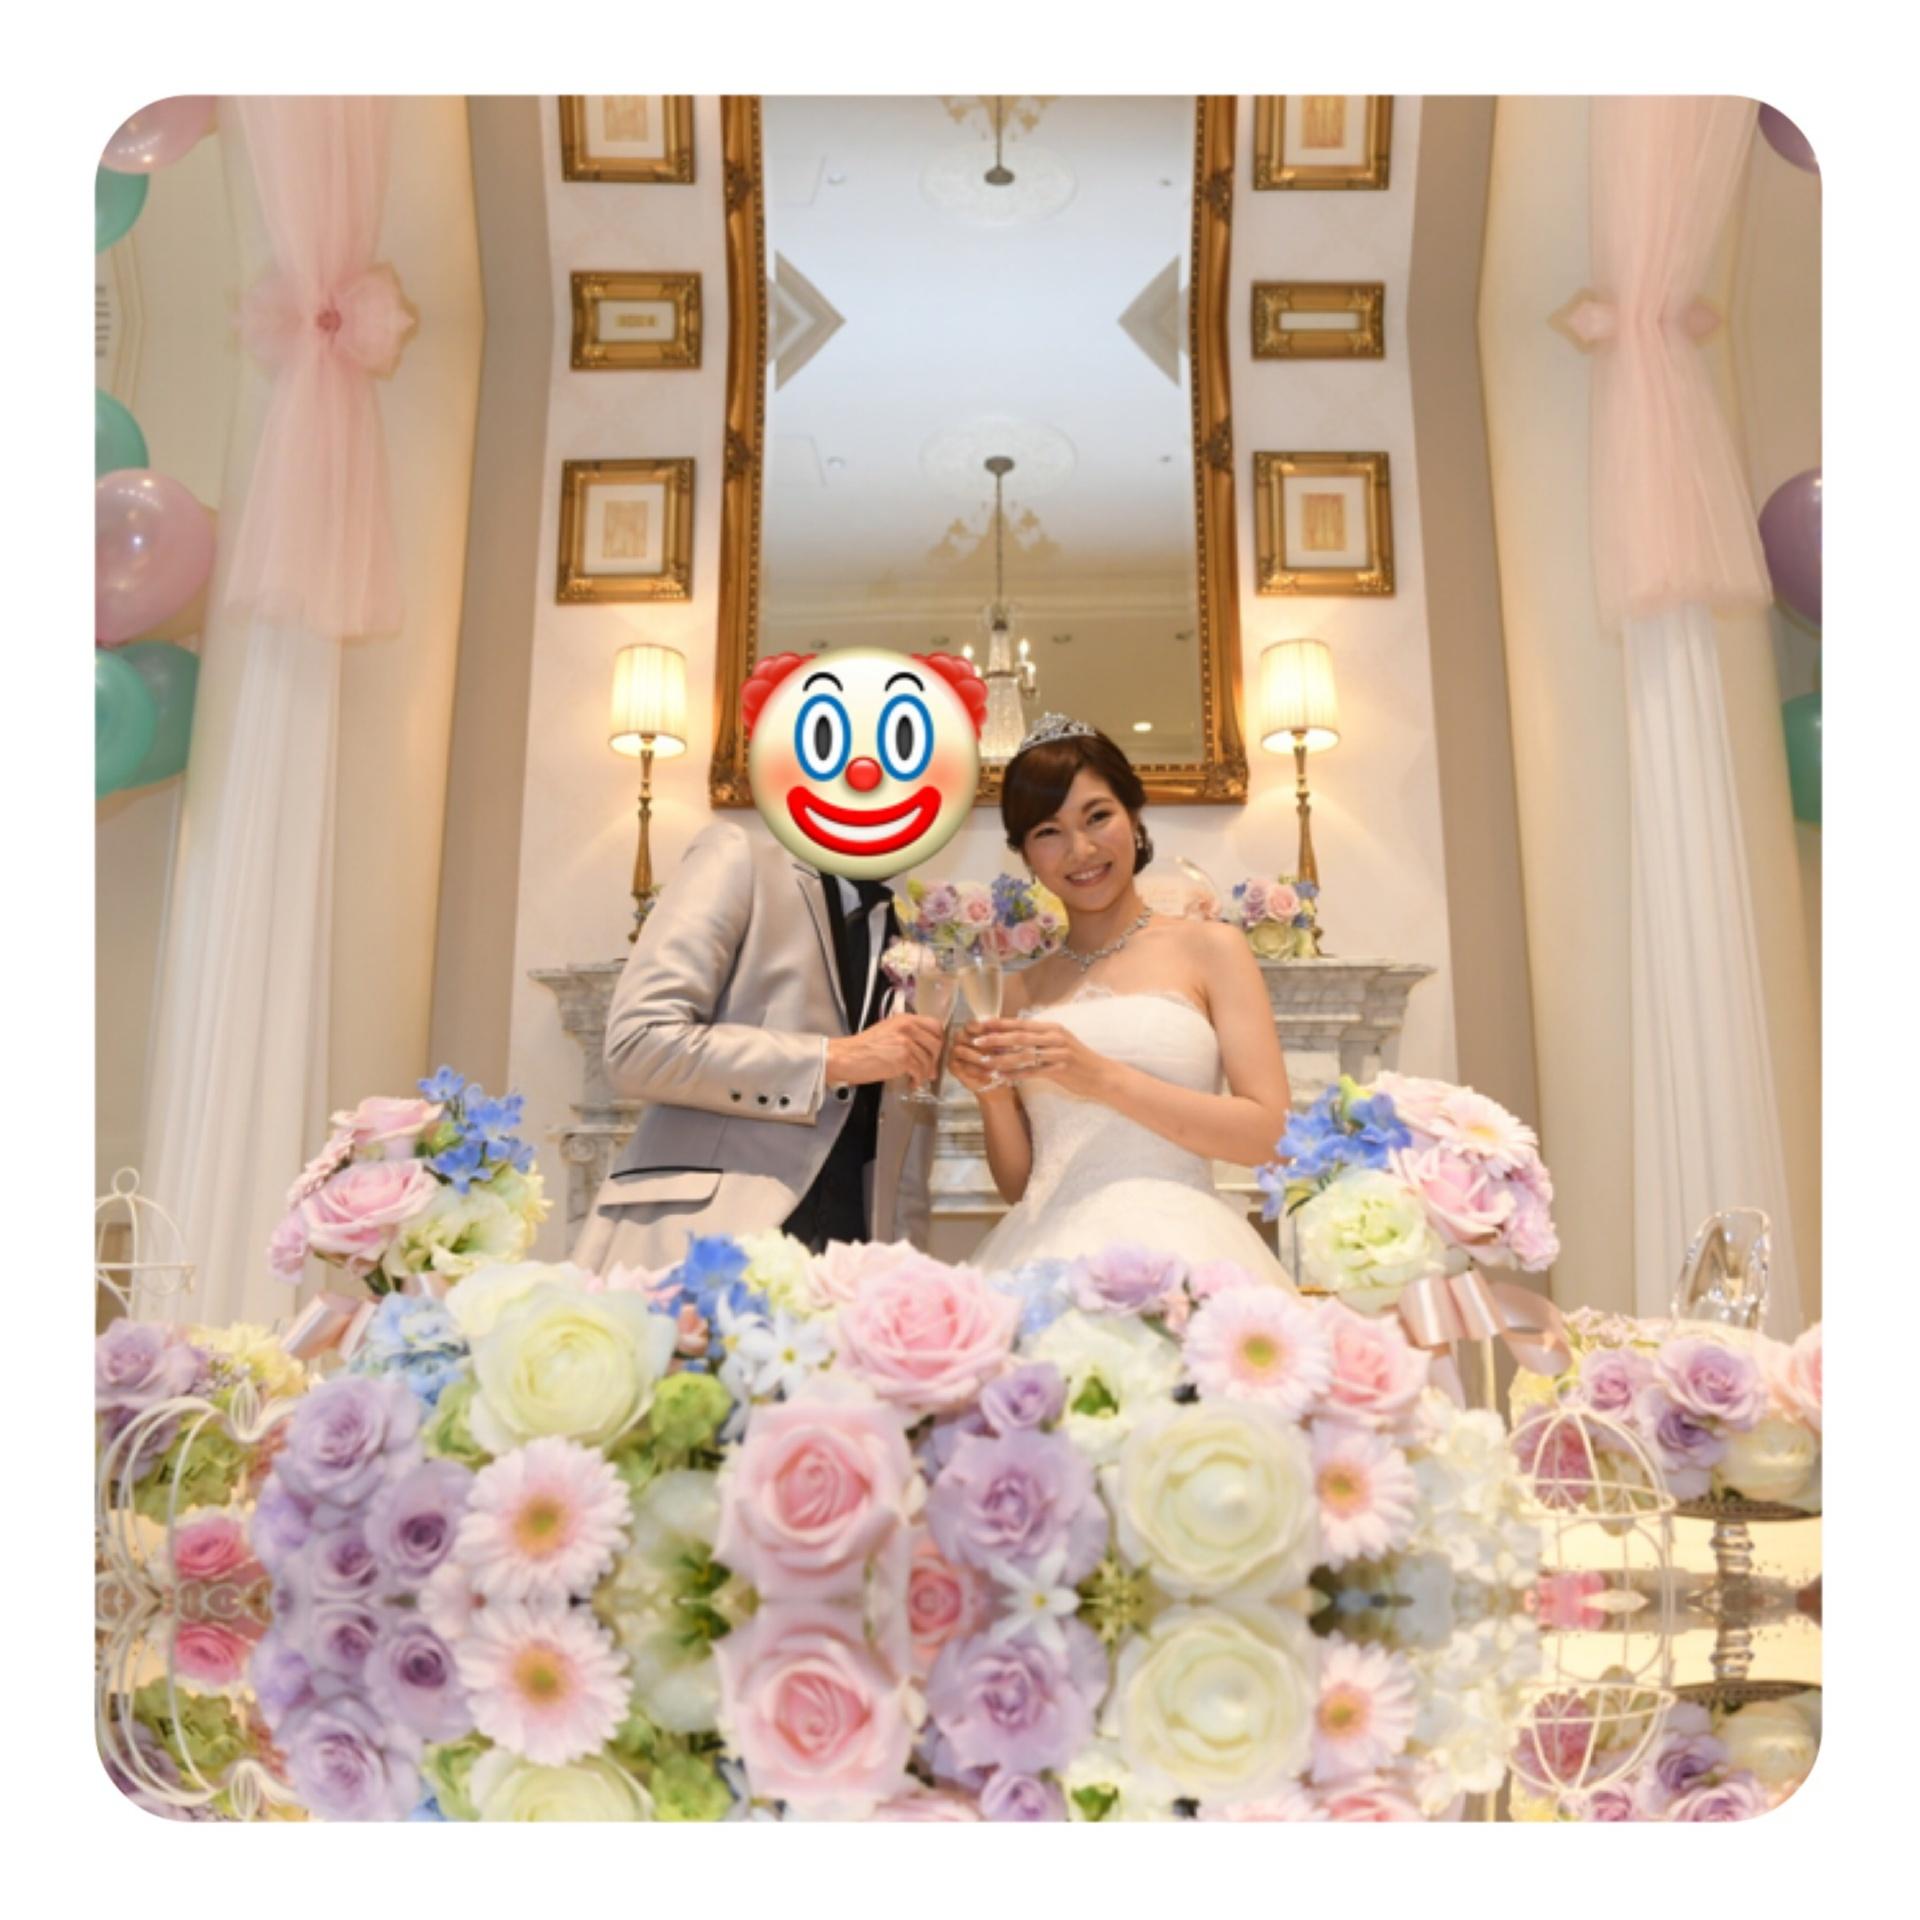 【わたしwedding♡】プロポーズから式場決定まで!こうやって決めました♪_1